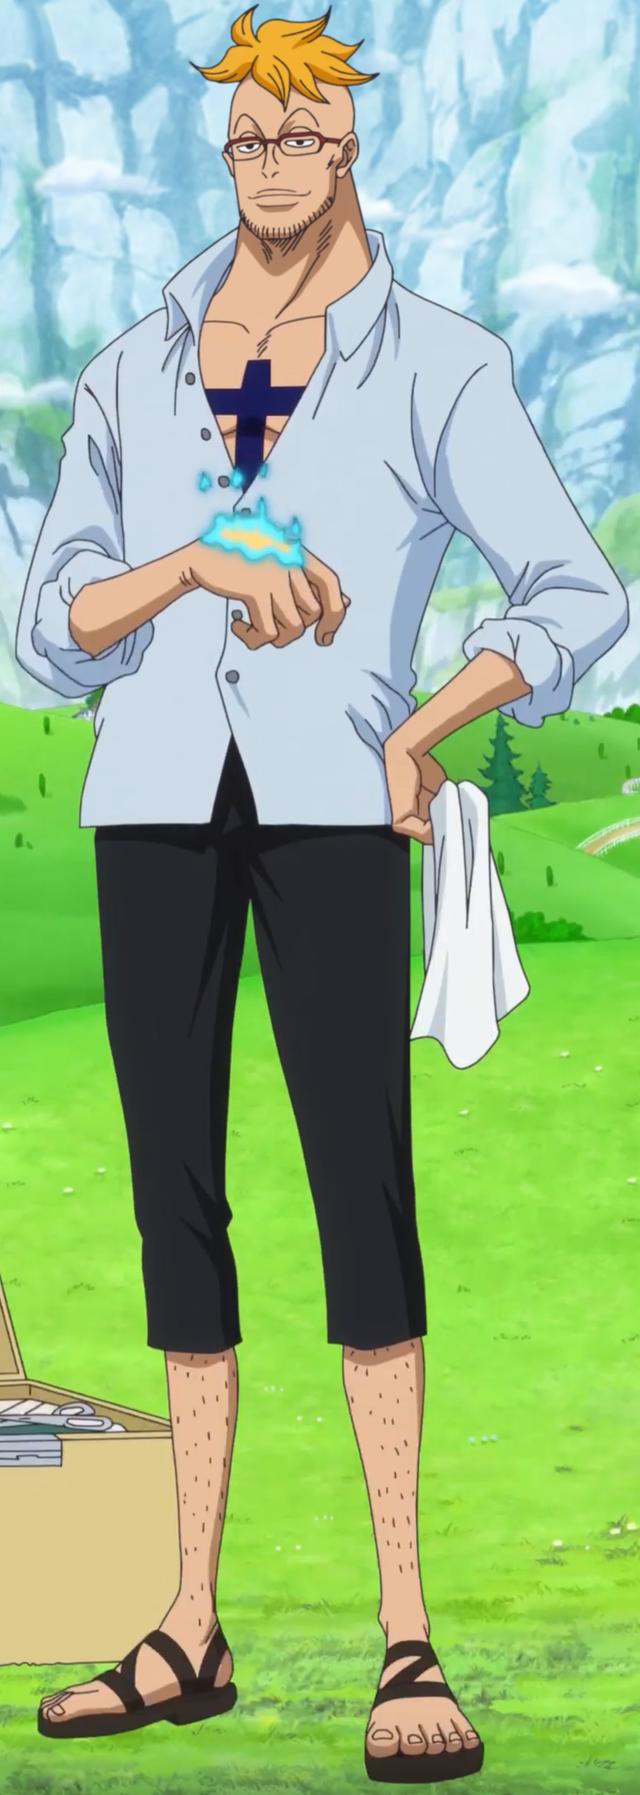 One Piece: Dù Phượng hoàng Marco rất mạnh nhưng fan lo sợ anh cũng sẽ bị dìm vì mái tóc màu vàng? - Ảnh 3.